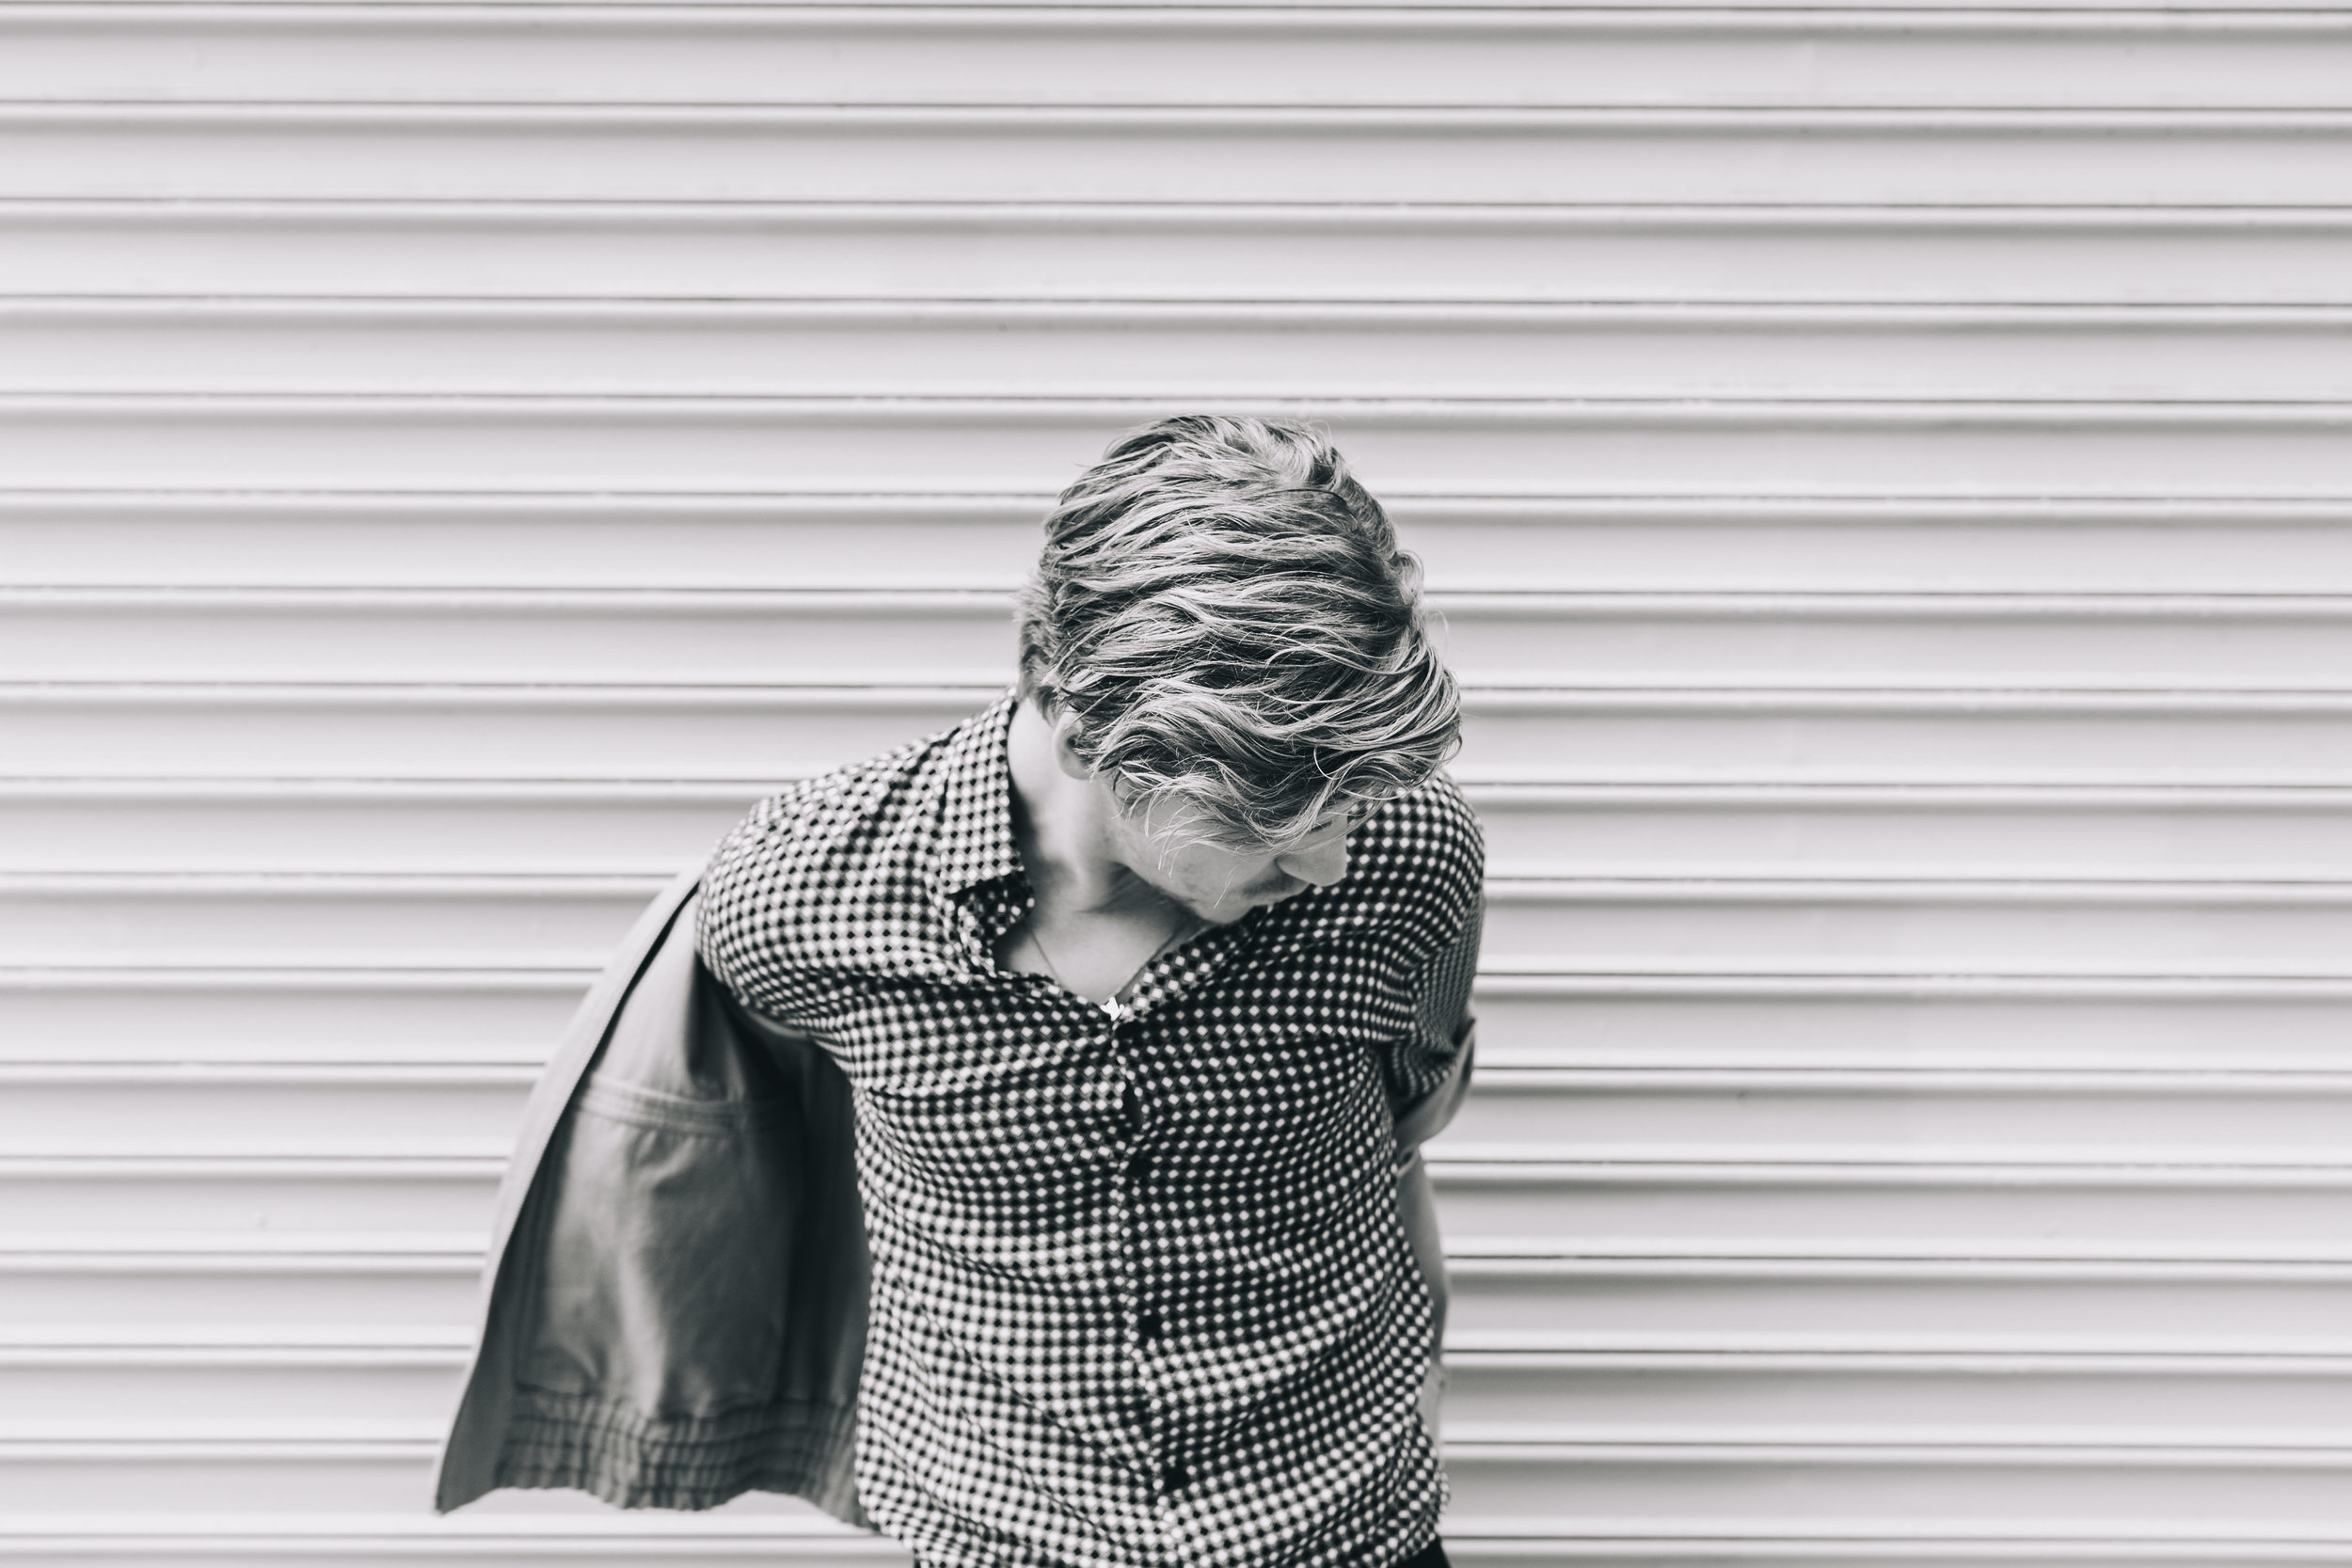 Dries Van Noten Jacket, The Kooples shirt